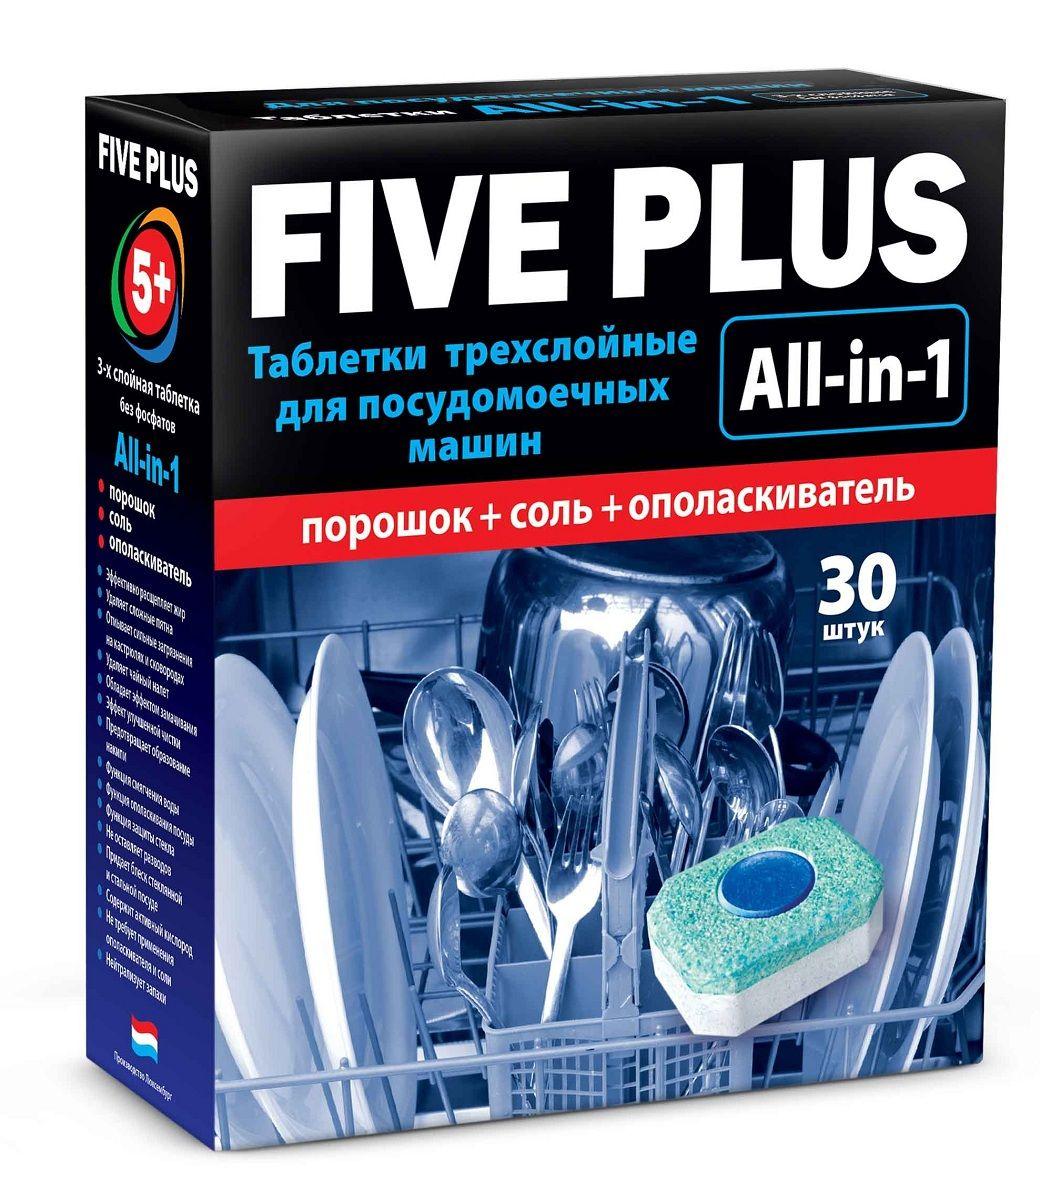 Таблетки для посудомоечных машин 5+ Five Plus, 30 шт4602984008056Таблетки для посудомоечных машин 5+ Five Plus содержат мощные компоненты для удаления сильных загрязнений на кастрюлях и сковородах. Не требуют дополнительно применения соли и ополаскивателя. Без фосфатов.• Эффективно расщепляют жир • Удаляют сложные пятна• Отмывают сильные загрязнения на кастрюлях и сковородах • Удаляют чайный налет • Обладают эффектом замачивания • Эффект улучшенной чистки• Предотвращают образование накипи• Функция смягчения воды• Функция ополаскивания посуды• Не оставляют разводов• Придают блеск стеклянной и стальной посуде• Содержат активный кислород• Функция защиты стекла • Не требуют применения ополаскивателя и соли• Нейтрализуют запахиСостав: >5 %, но менее 15%: поликарбоксилаты, отбеливатель на основе кислорода, <5%: НПАВ, фосфонаты, ароматизирующая добавка, энзимы.